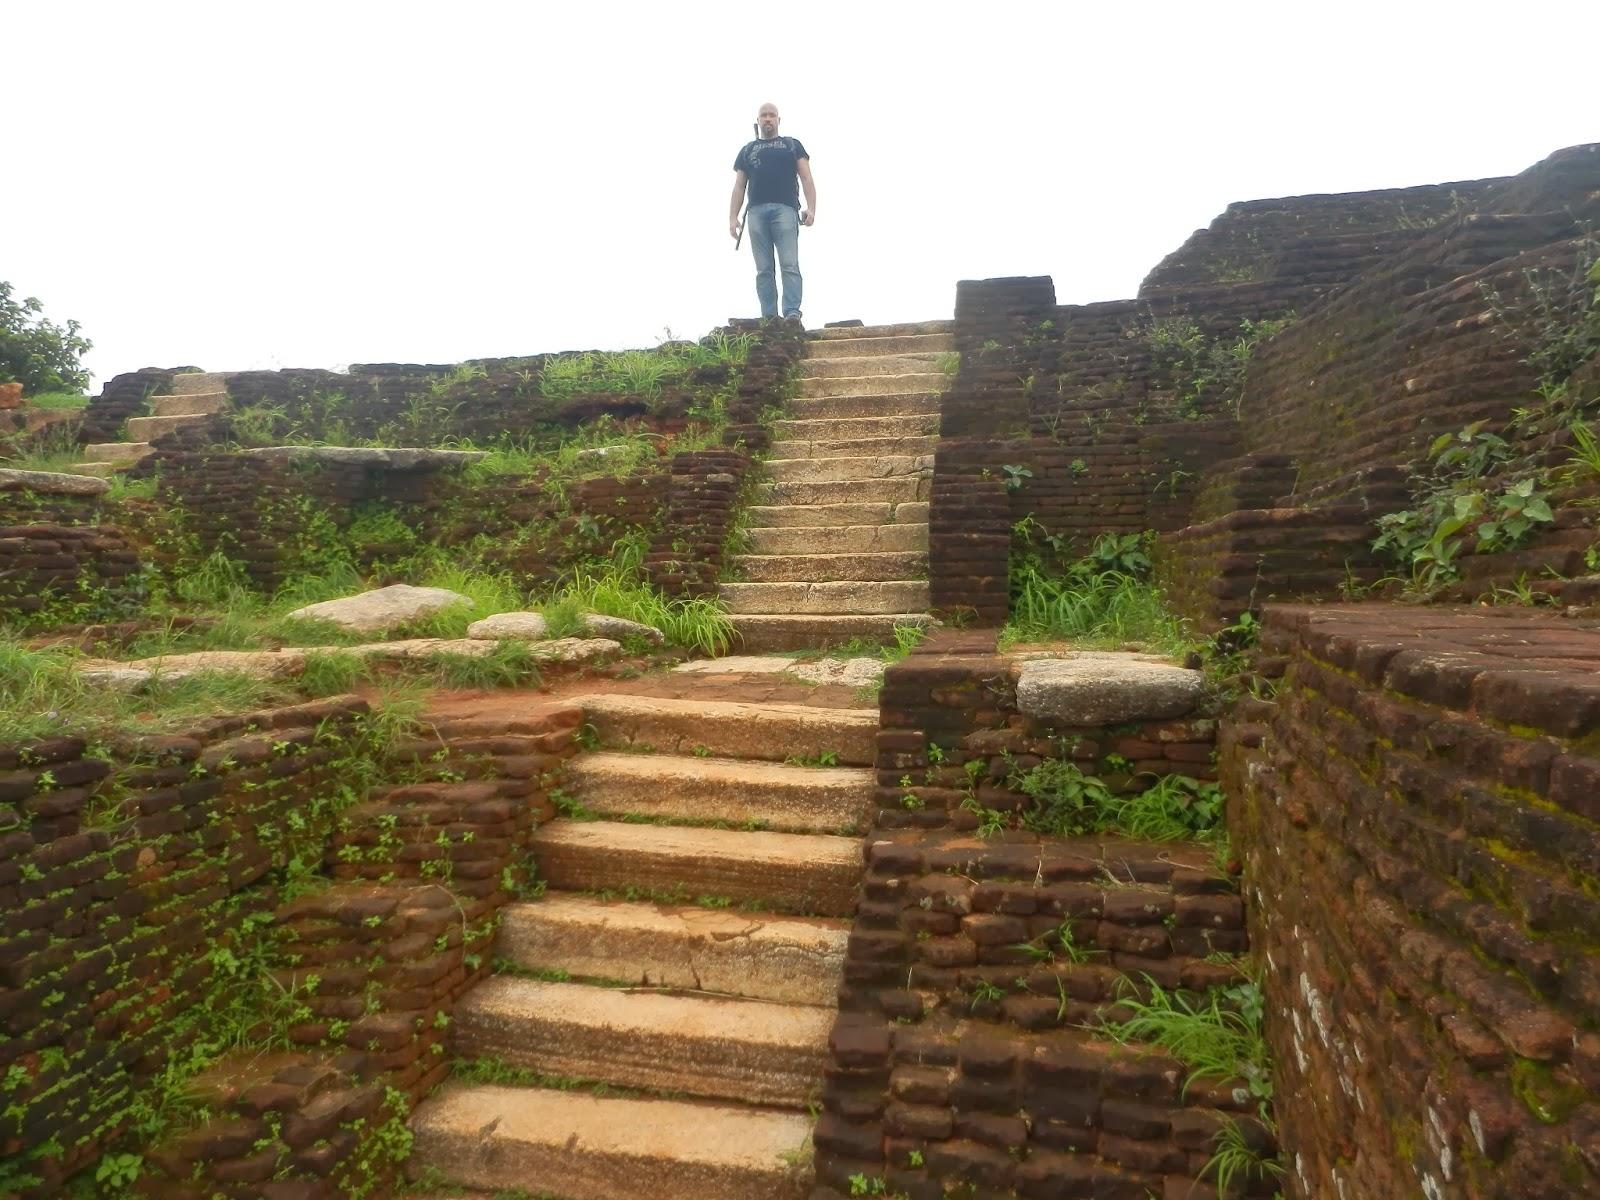 Никаких следов развалин дворца Сигирии, только ступени, террасы, уступы, платформы, красный кирпич